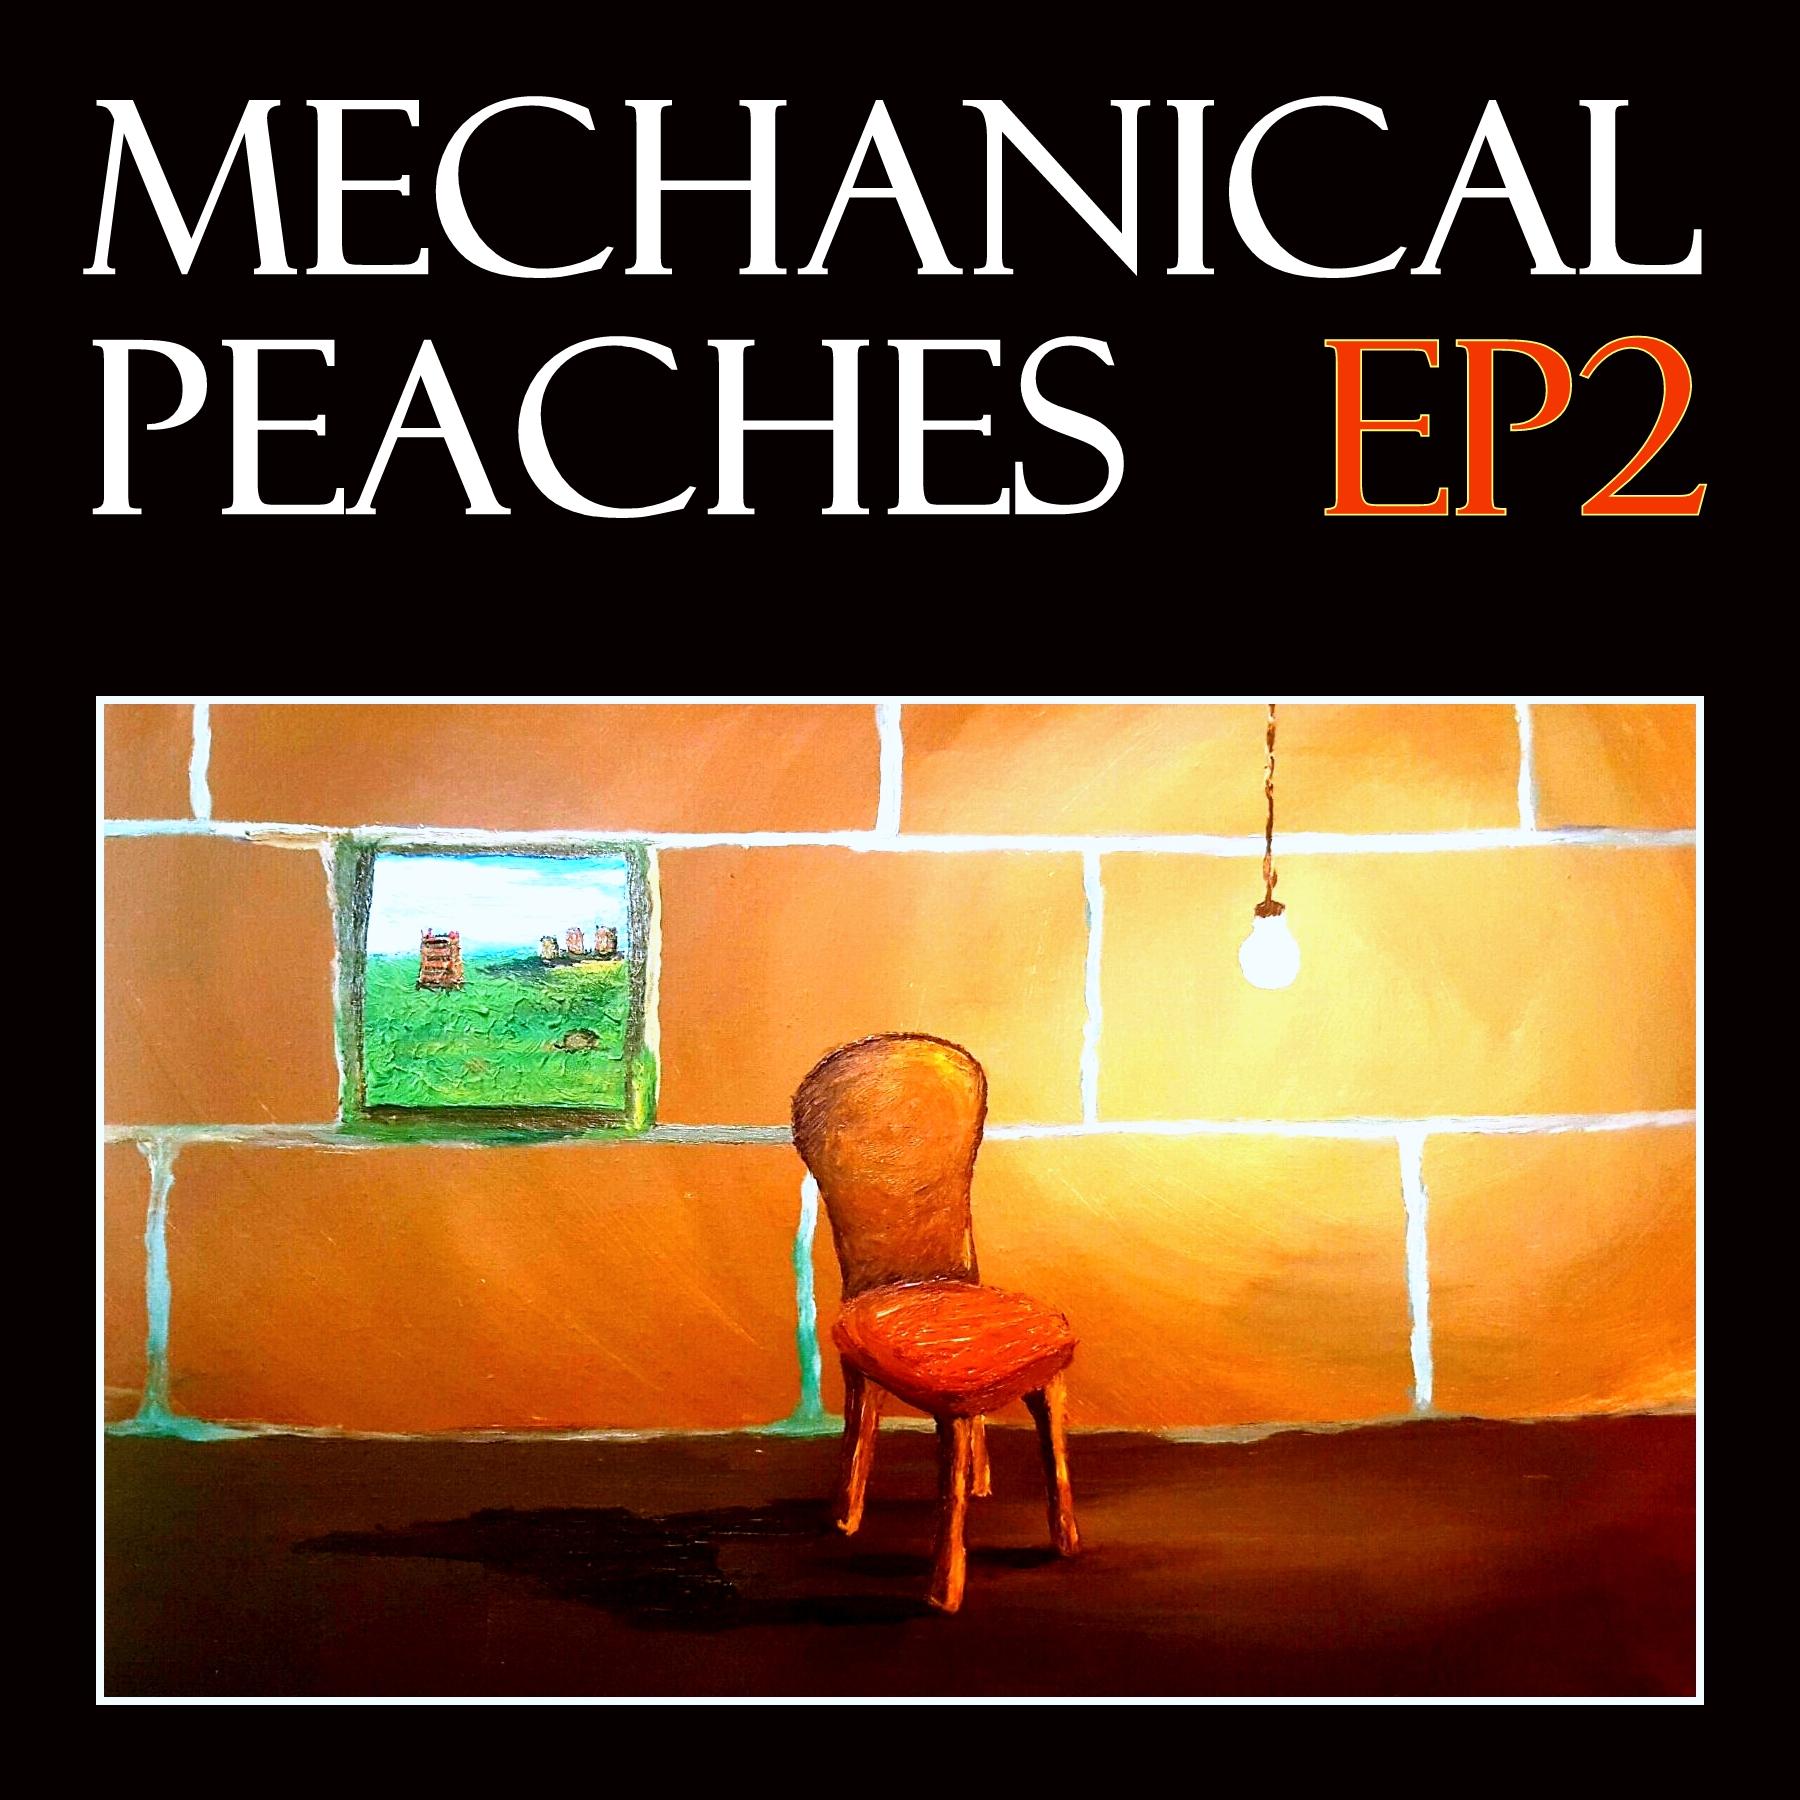 MechPeachesEP2_Cover_v4.jpg